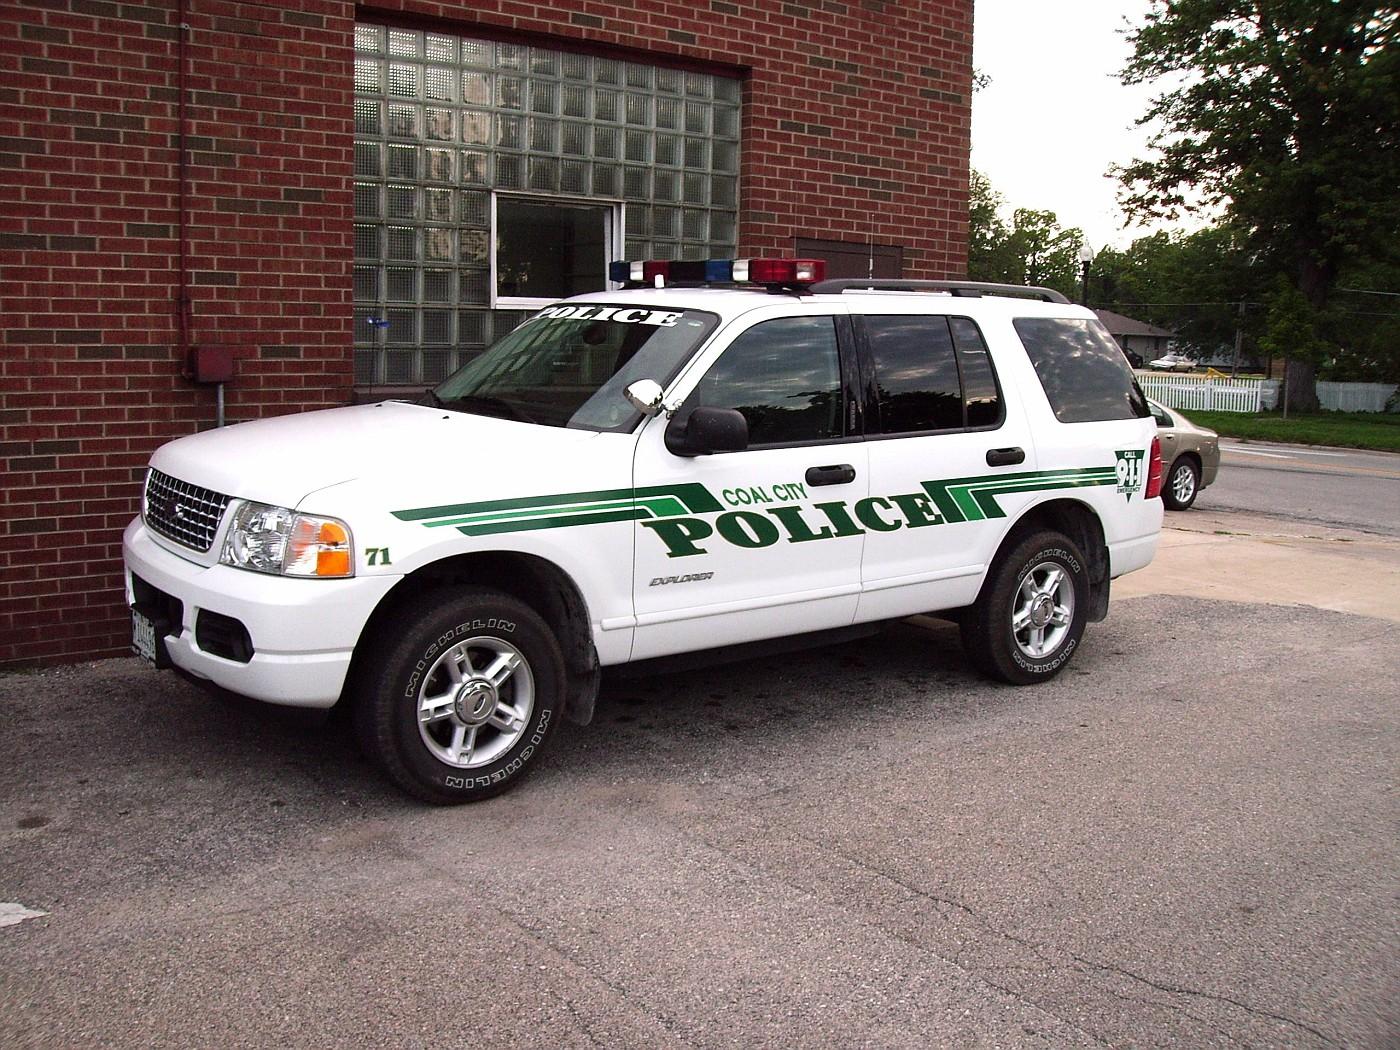 IL - Coal City Police